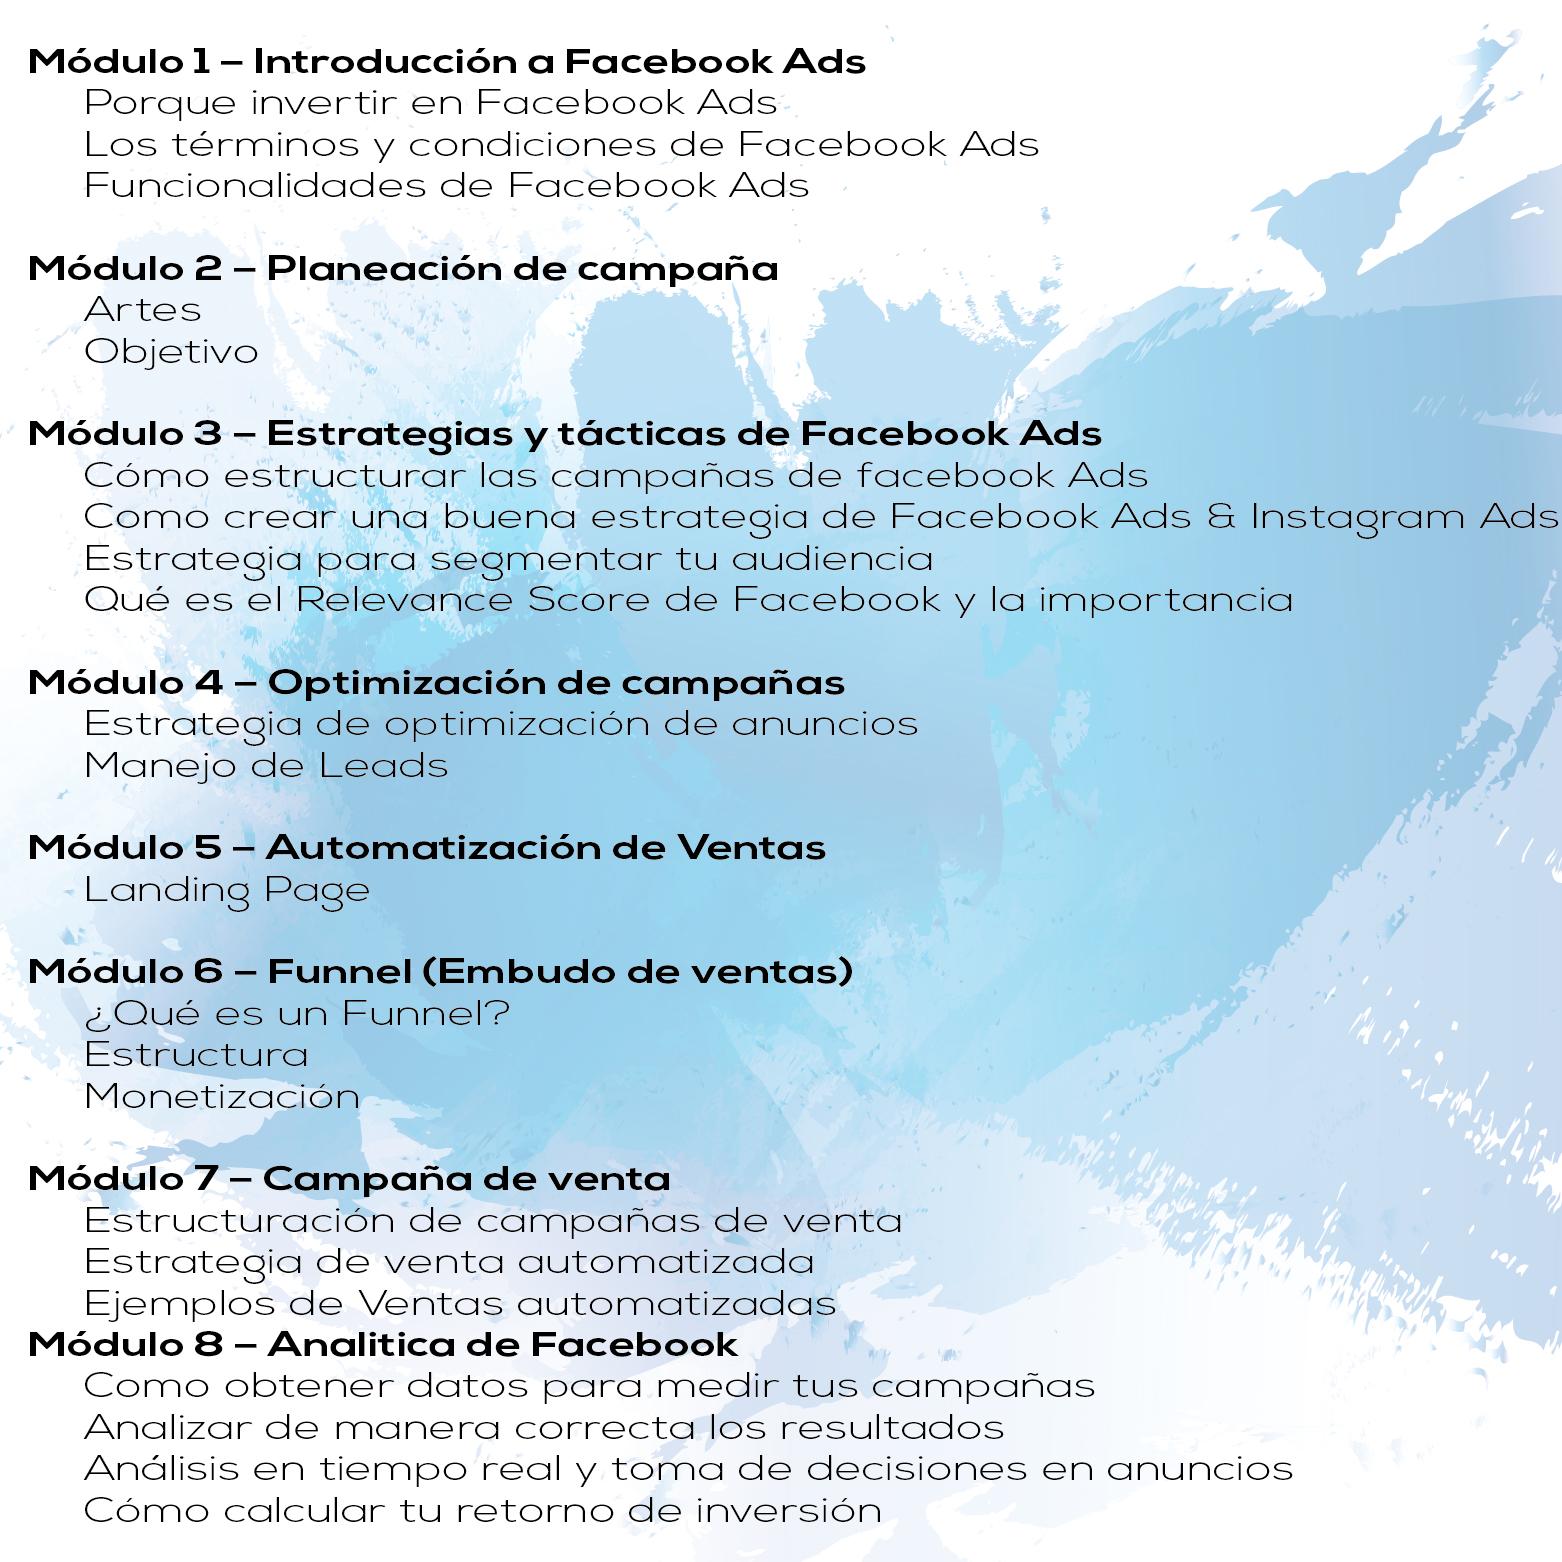 Curso de Facebook en Guadalajara